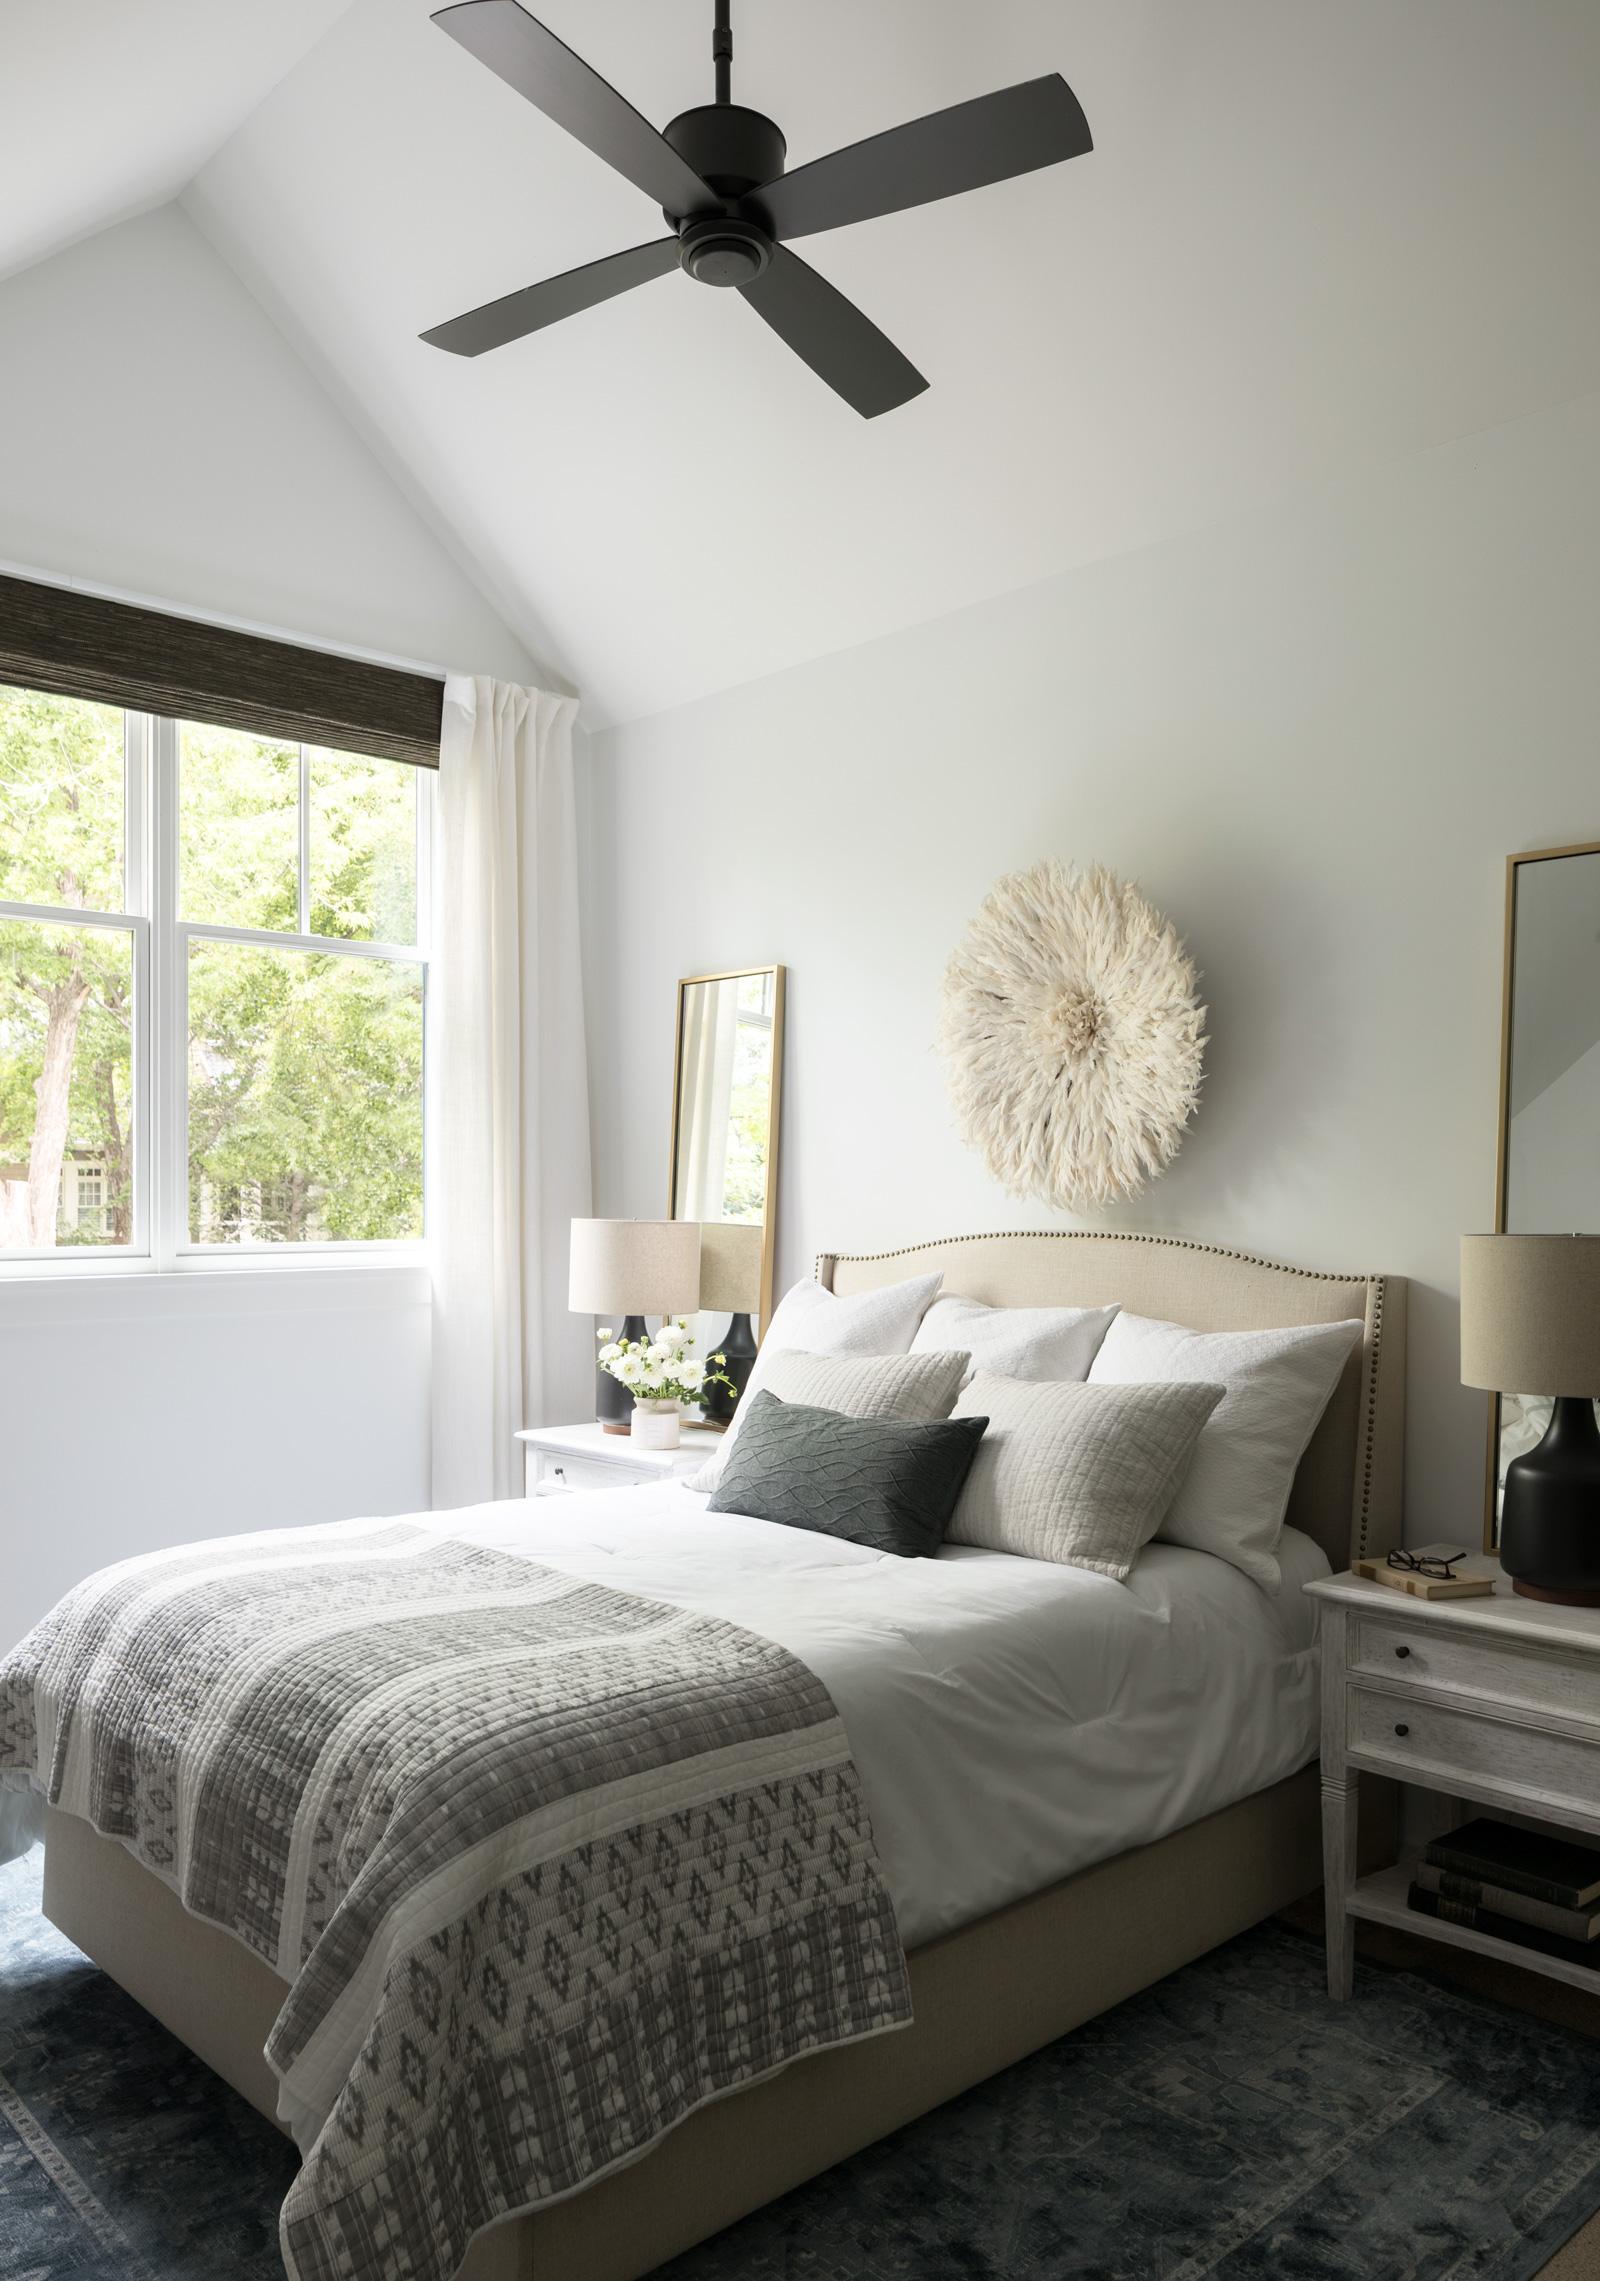 mounce-bedroom